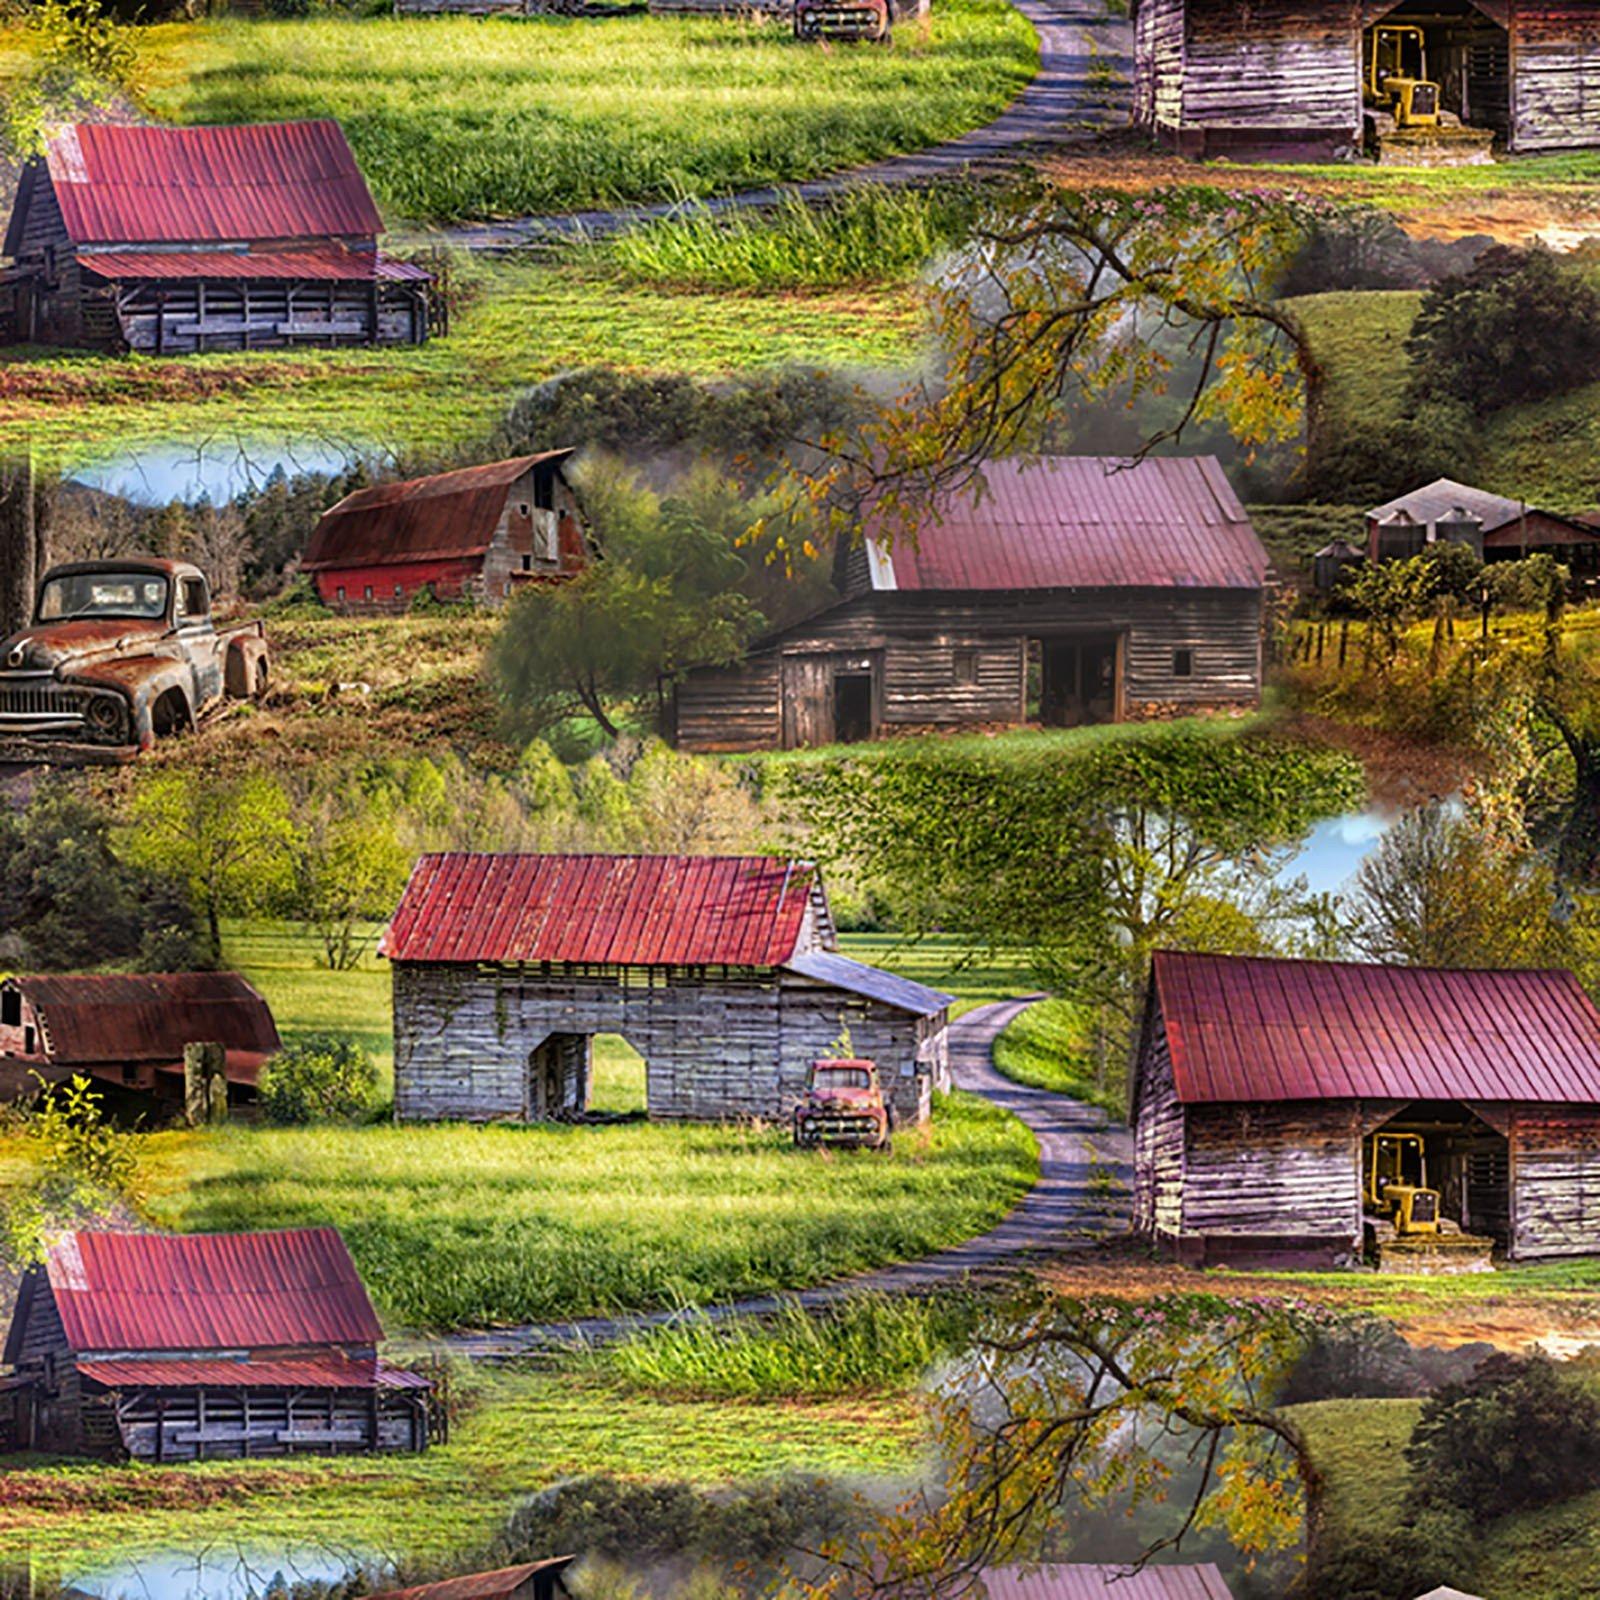 David Textiles - Country Animals-Barns & Tractors DIGITAL - 3399-7C-1